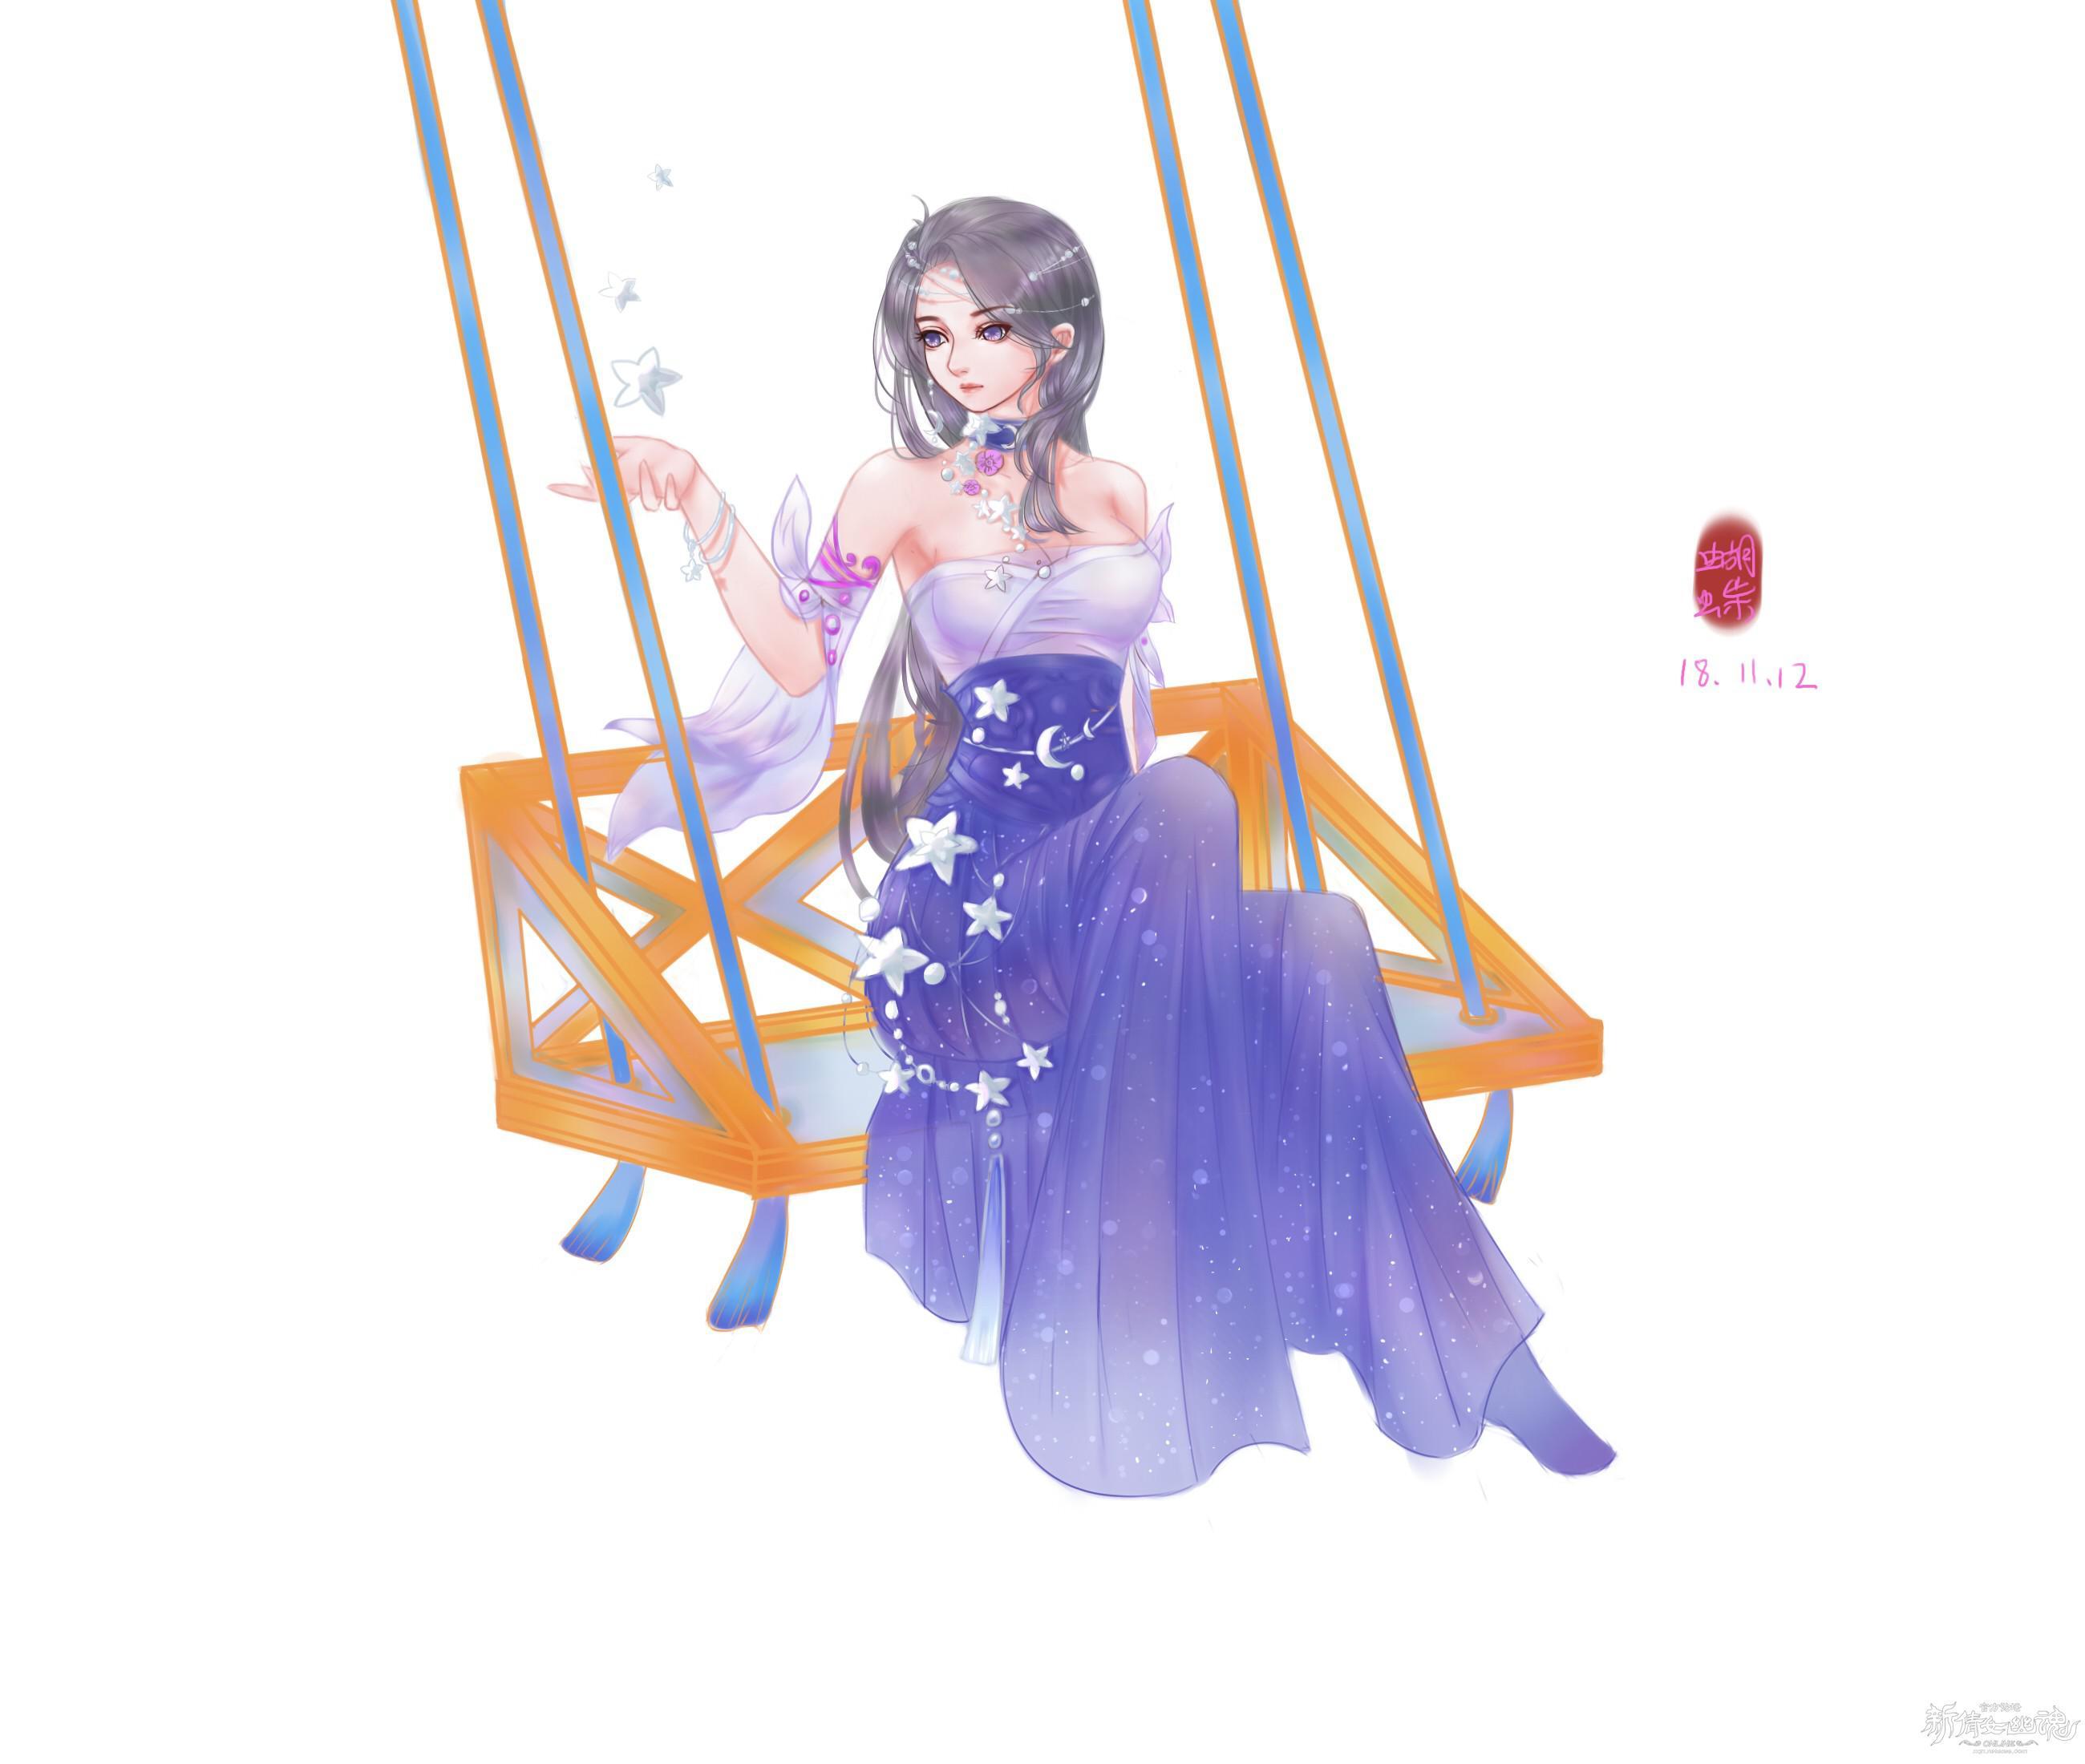 [手绘] 【名人堂】繁星漫漫